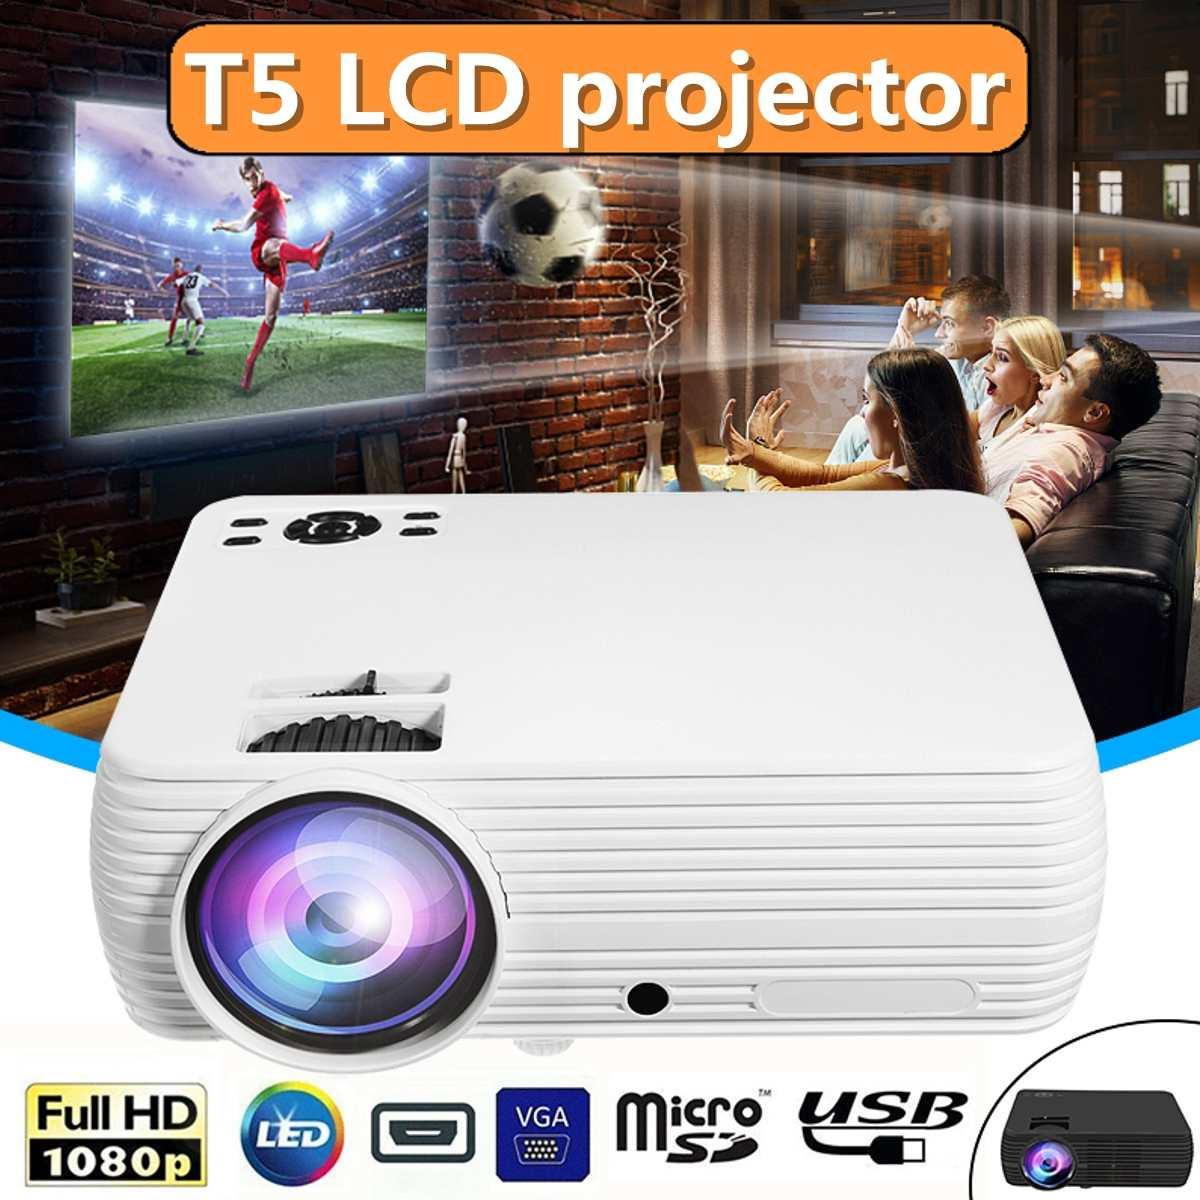 7000 Lumens projecteur Android 6.0.1 Wifi sans fil affichage Home cinéma Proyector soutien Full HD 1080P 4K vidéo avec HDMI